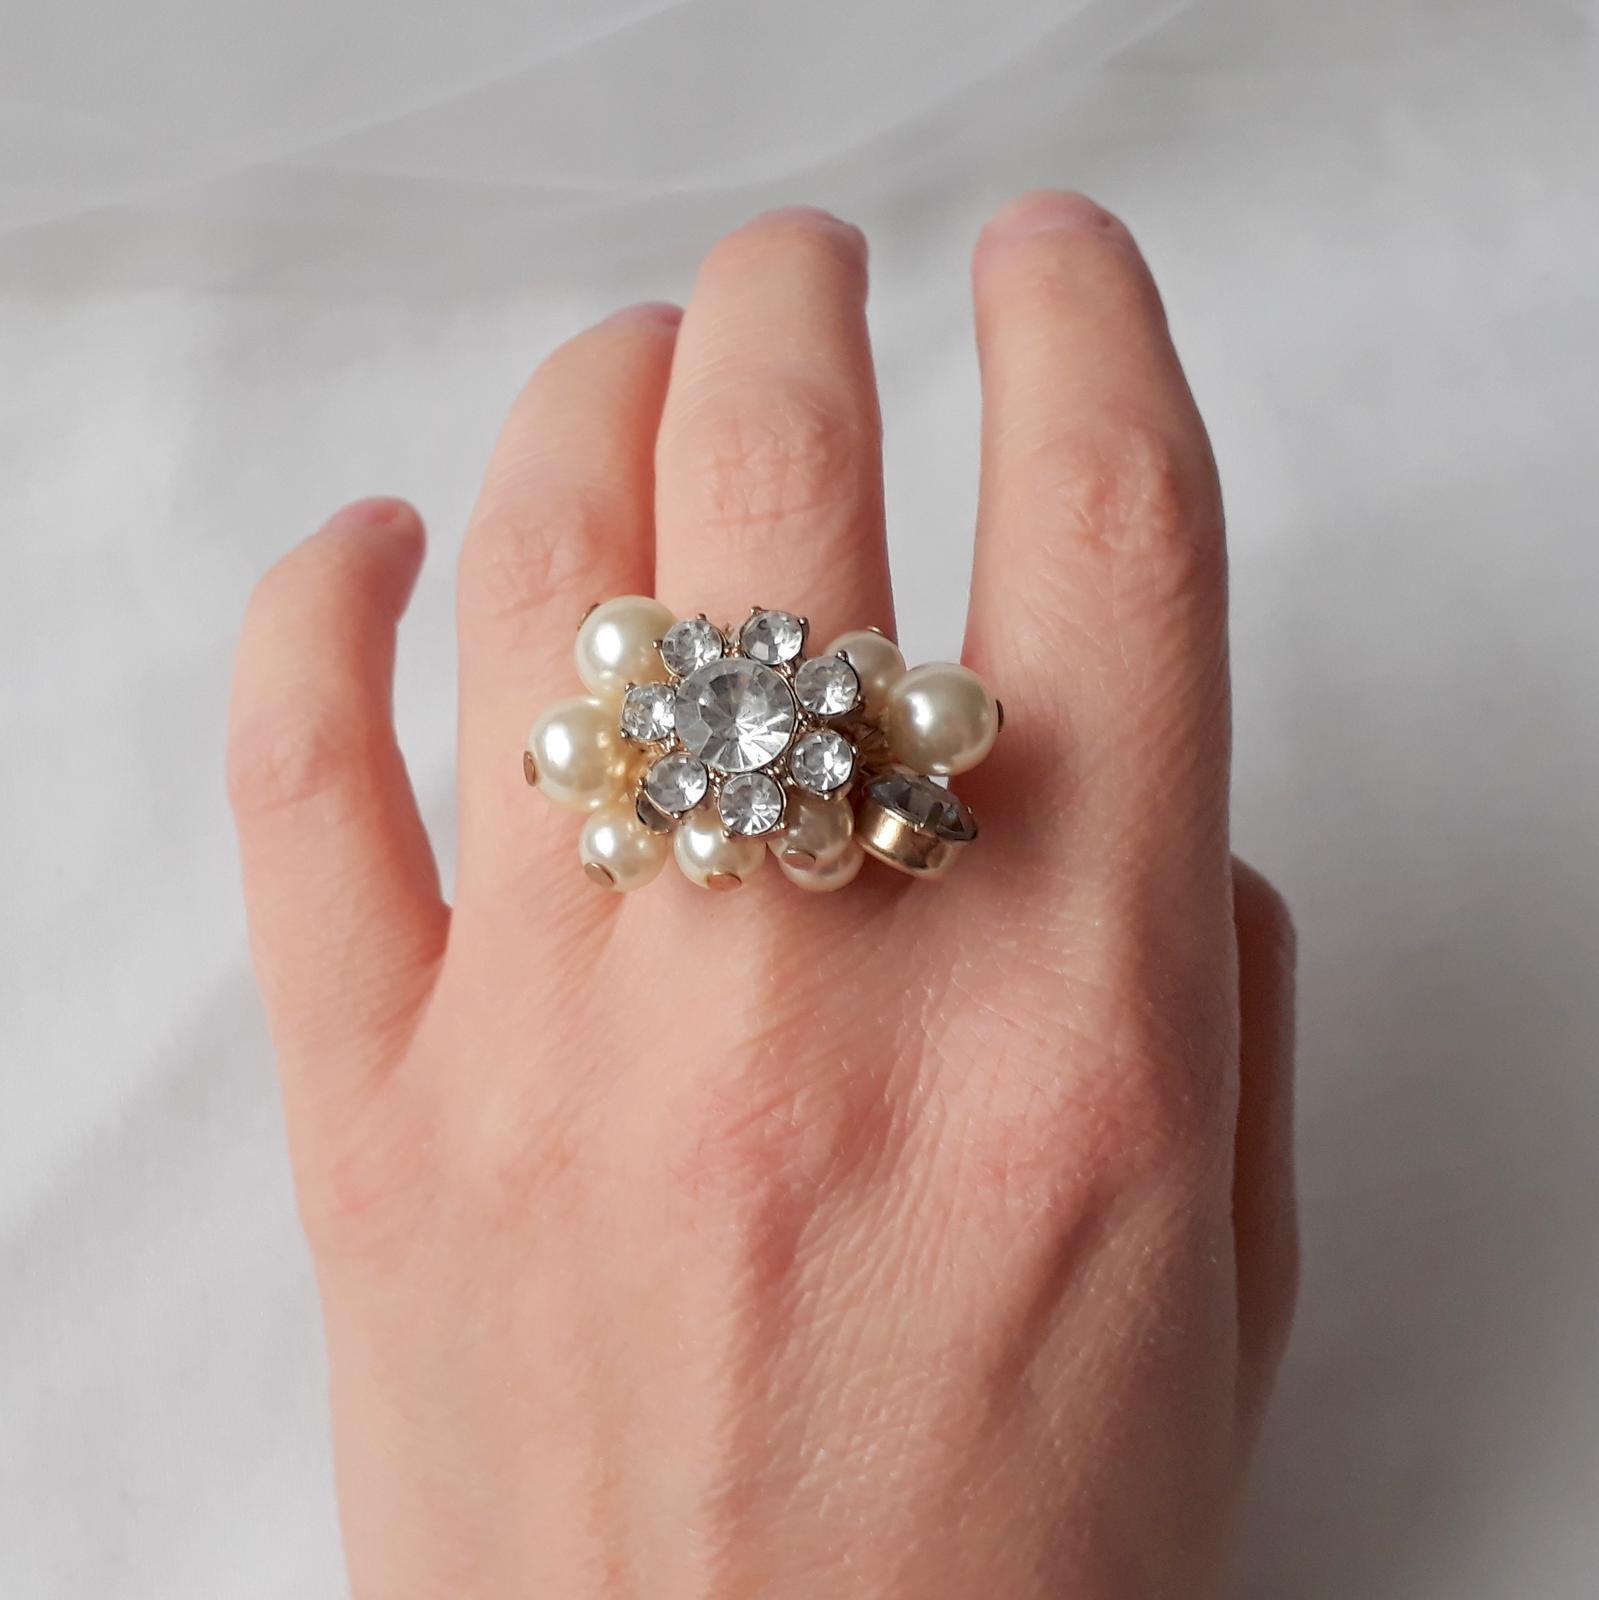 Zlatý prstýnek s perličkami - Obrázek č. 2